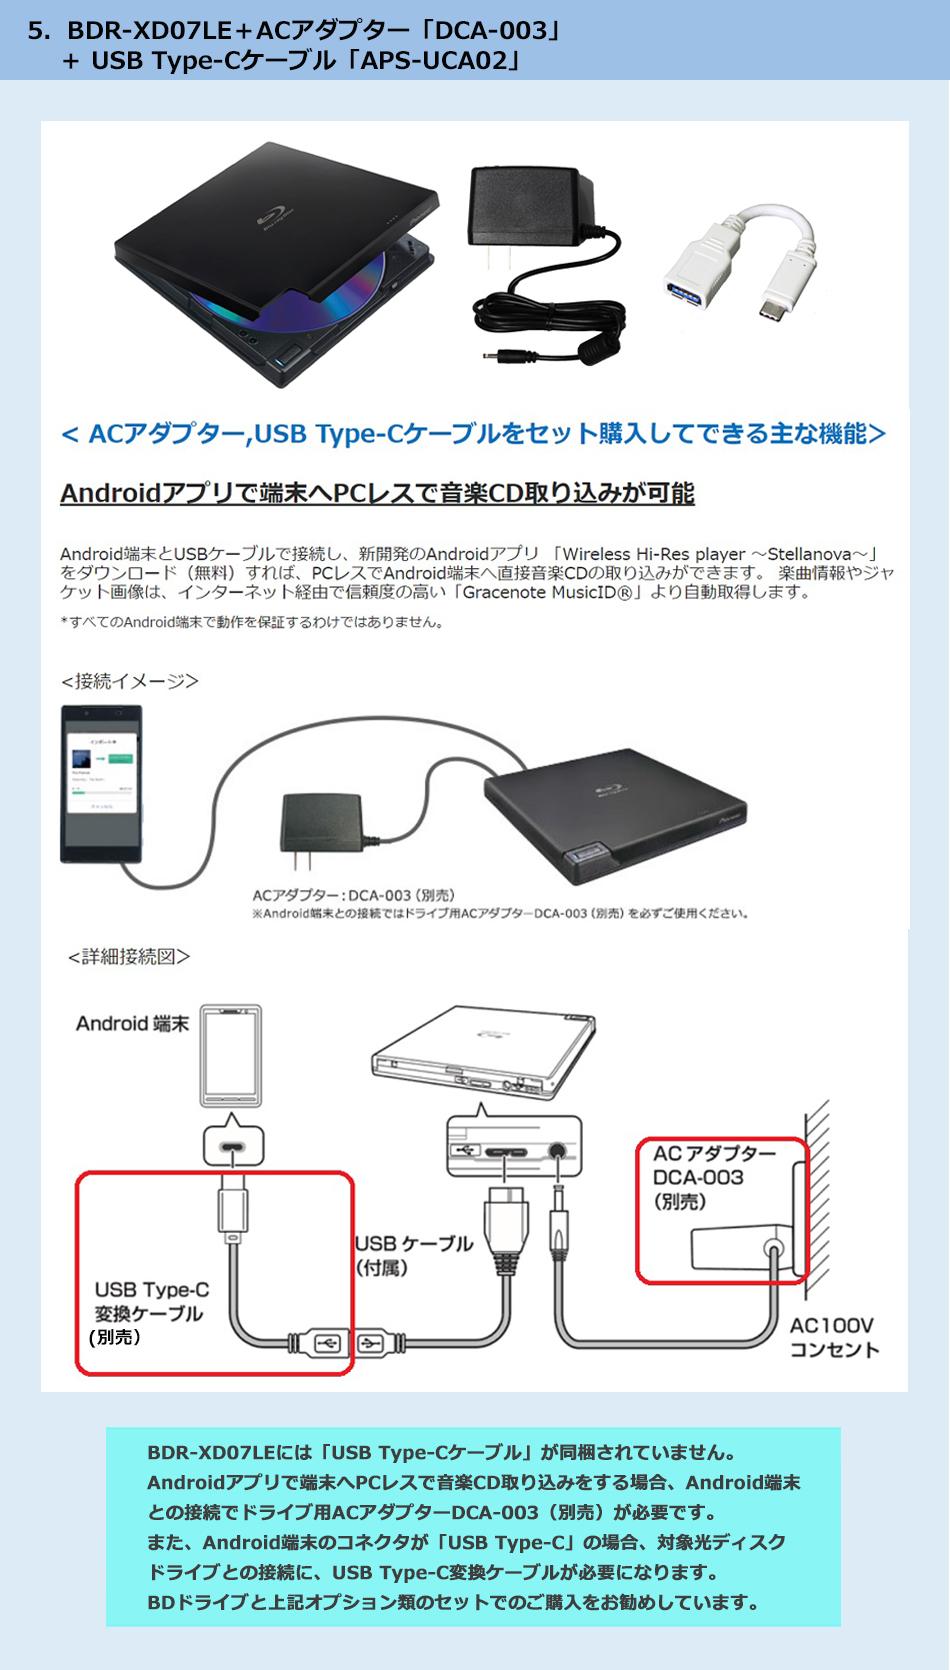 BDR-XD07LE+ACアダプターケーブル+USB TypeCケーブルセットのご紹介